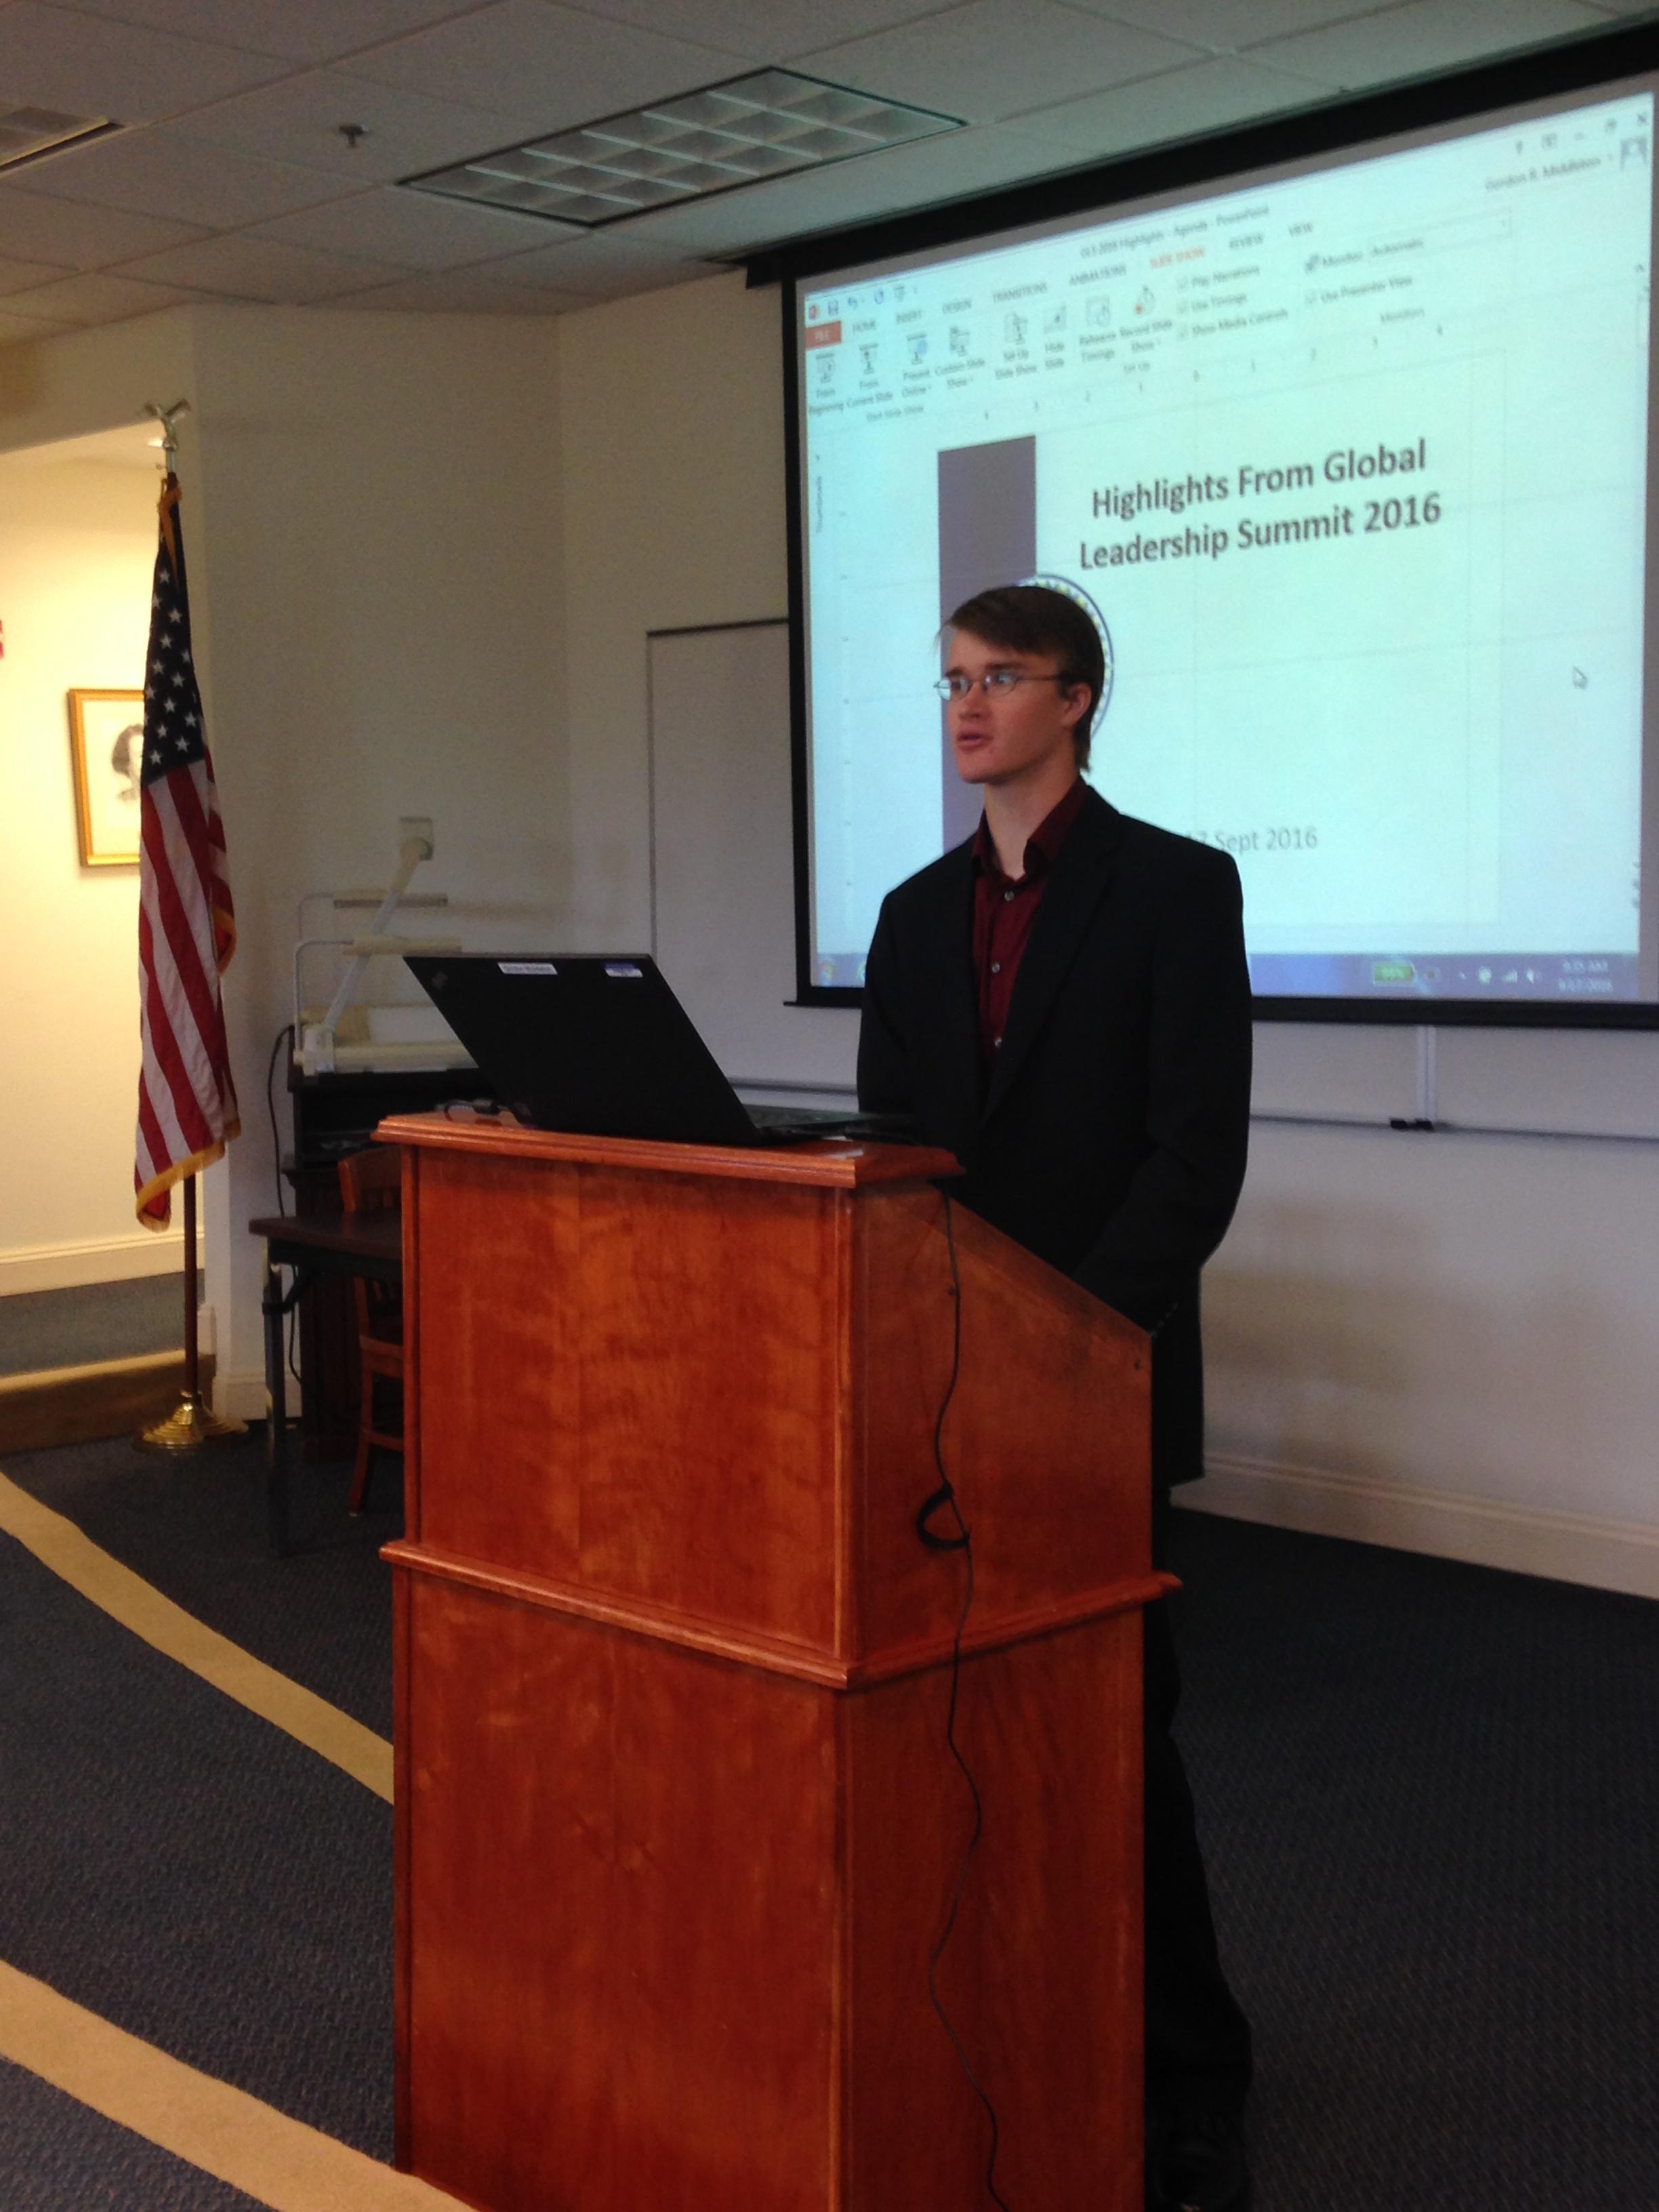 Ben_Hackett_GLS_presentation.jpg